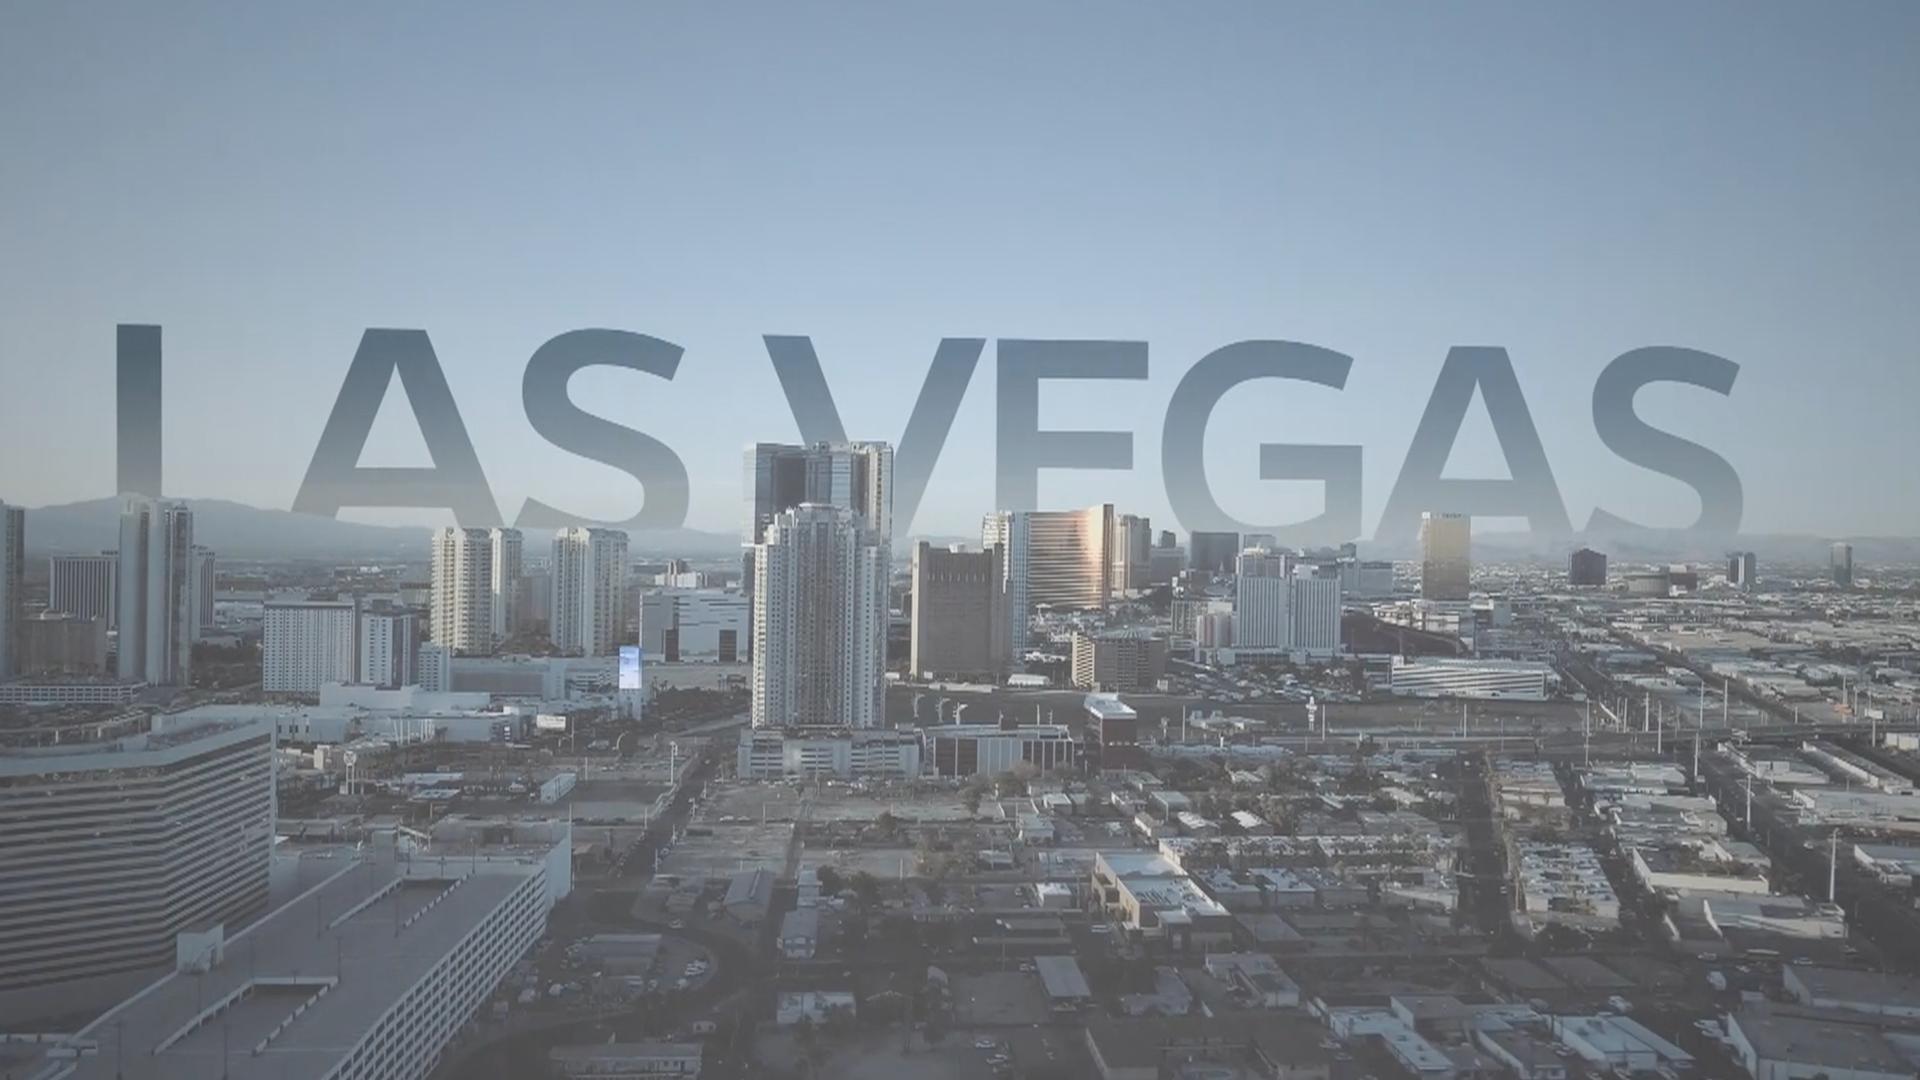 Las Vegas: Sin City Redeemed